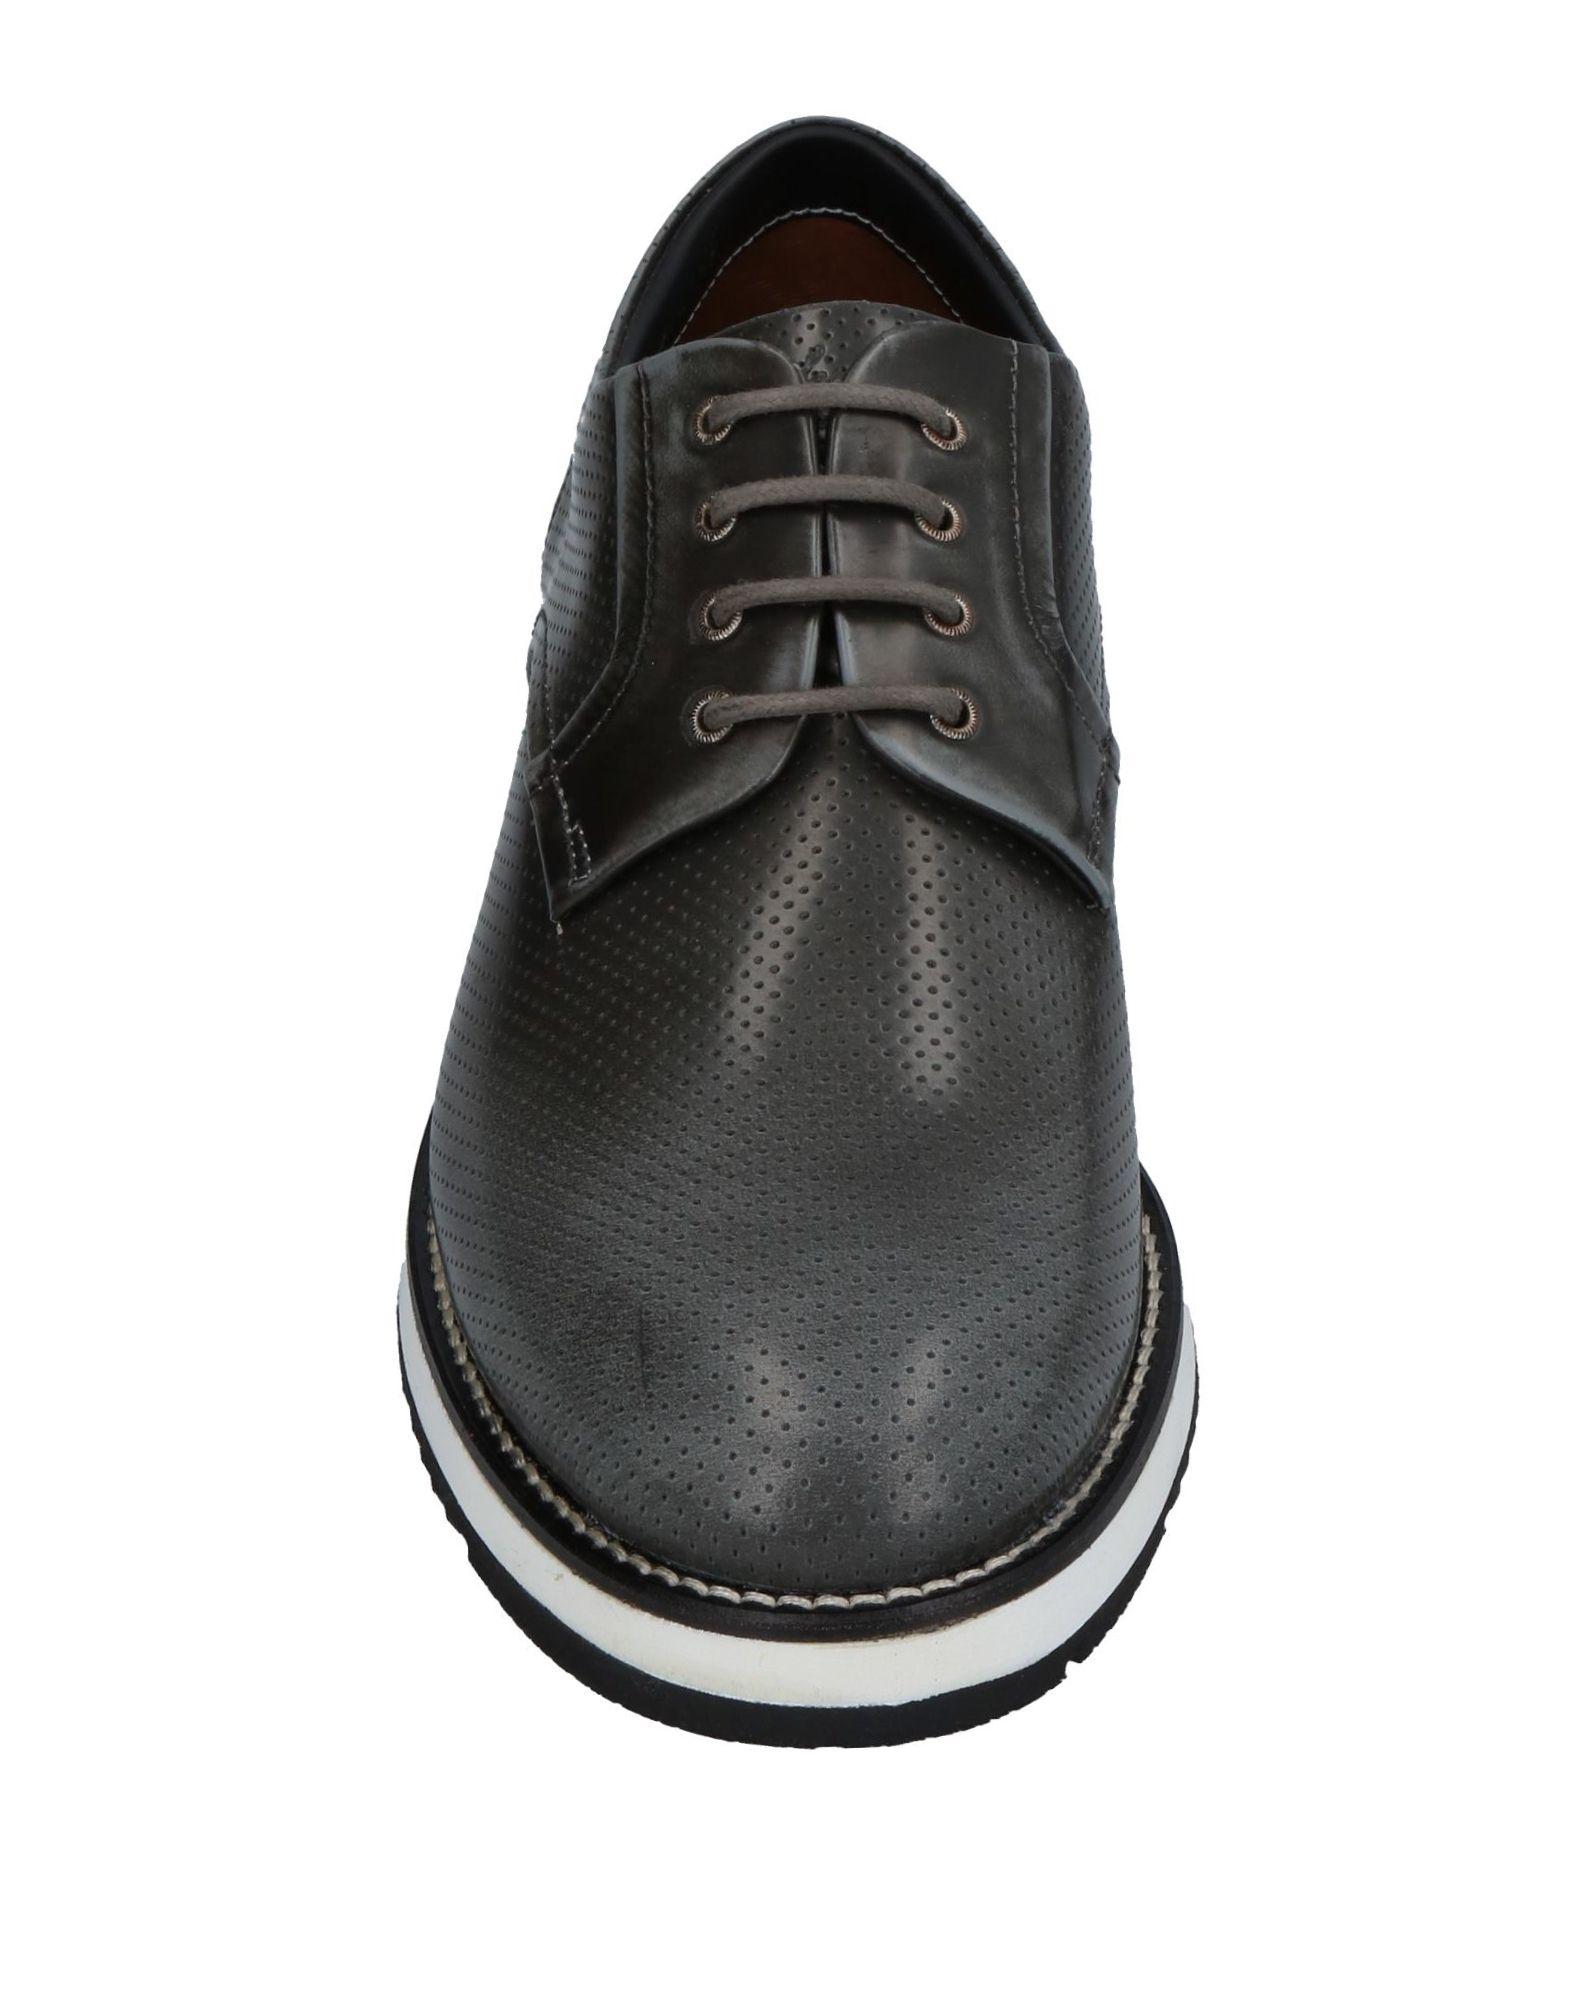 Rabatt echte Schuhe Barleycorn Sneakers Herren  11398681GC